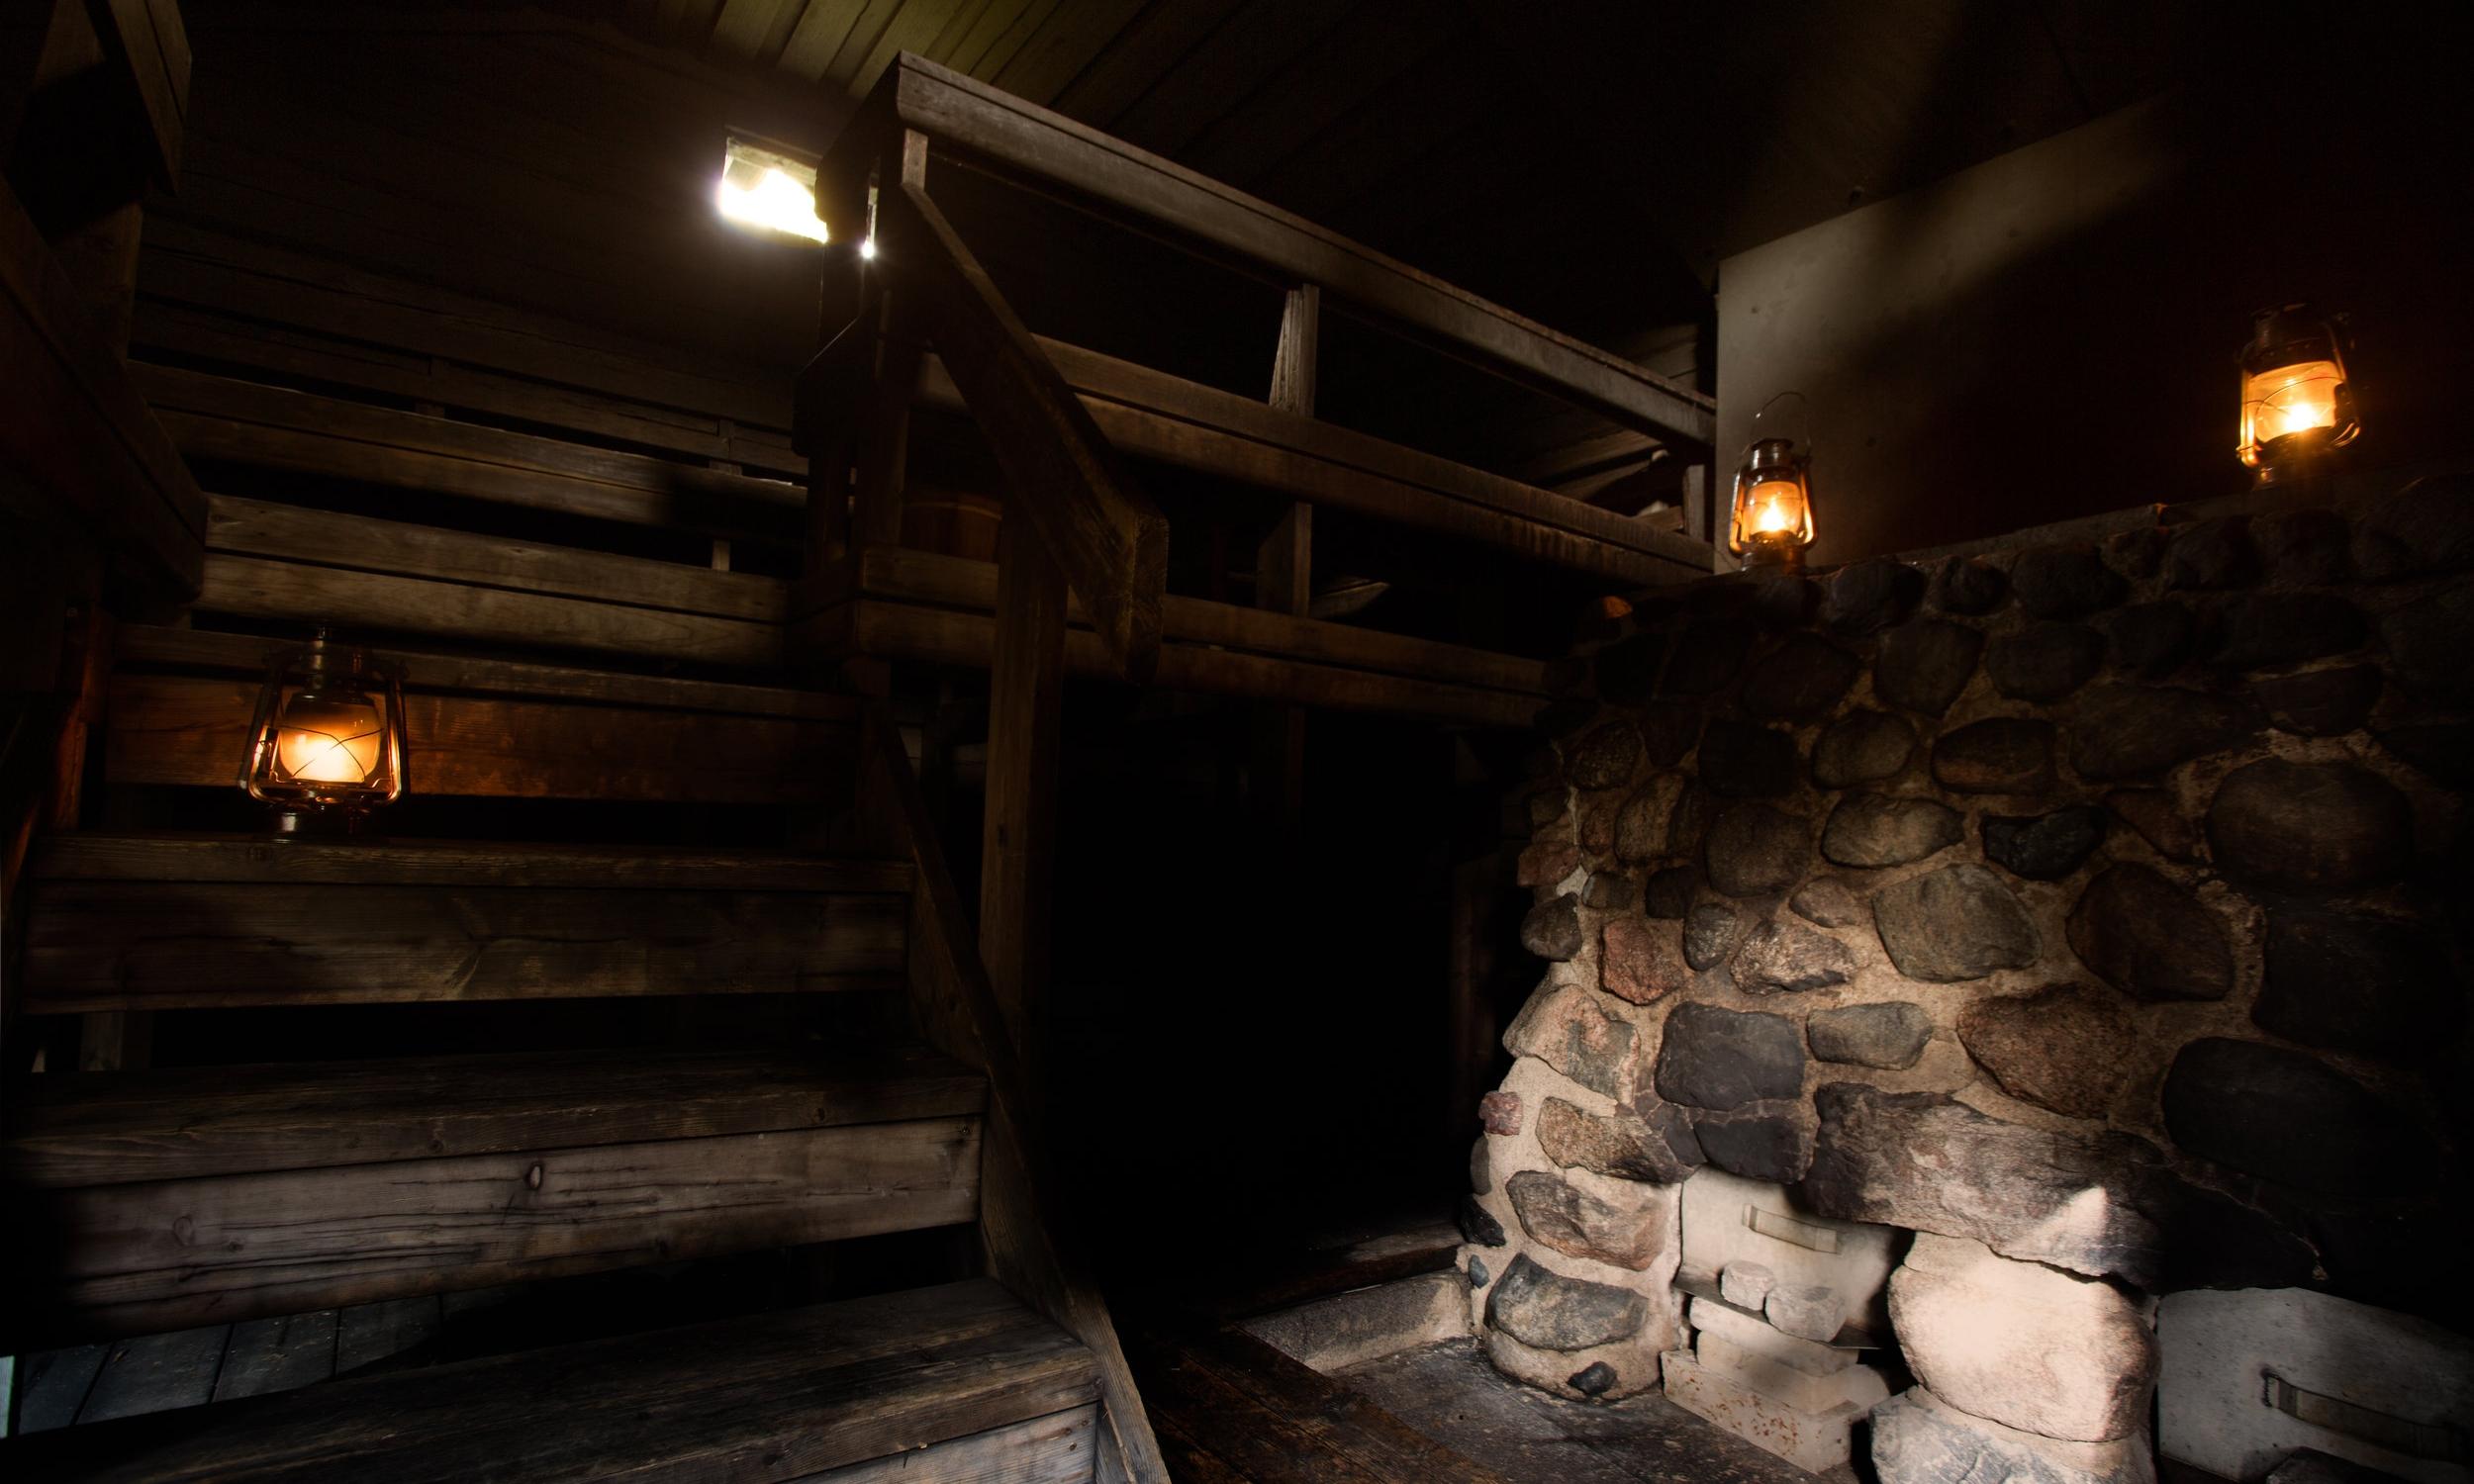 AITOA MENNEEN AJAN TUNNELMAA   Tunnelmallinen Perinnesavu on nimensä mukaisesti perinteiseen tapaan lämmitettävä savusauna. Tämä tarkoittaa sitä, että sauna lämmitetään sisältäpäin, eikä siinä ole savupiippua. Jo lähes kaksikymmentä vuotta vanhassa kiukaassa on kaksi tulipesää, jotka hohkaavat löylyhuoneen kävijöilleen juuri sopivan lämpimäksi. Perinnesavusaunamme ainoa ero historiallisiin esikuviinsa nähden on se, että maalattian sijaan lattia on valettu. Tämä sauna on ainoa laatuaan koko Helsingissä. Aidompaa savusaunakokemusta saa hakea.   Lue lisää kuvaa painamalla.      AUTHENTIC SPIRIT FROM THE PAST TIMES   Atmospheric Perinnesavu is heated in the way as the name states - traditionally. Meaning, the sauna is heated from inside and it has no chimney. Soon twenty years old stove has two fire boxes - they take care to spread the right amount of warmth for all the visitors. The only difference to the traditional Finnish steam saunas is the floor. Instead of plain earth, the sauna has a molded floor. This sauna is unique in all Helsinki and it provides the most authentic steam sauna experience.   Read more by clicking the picture.